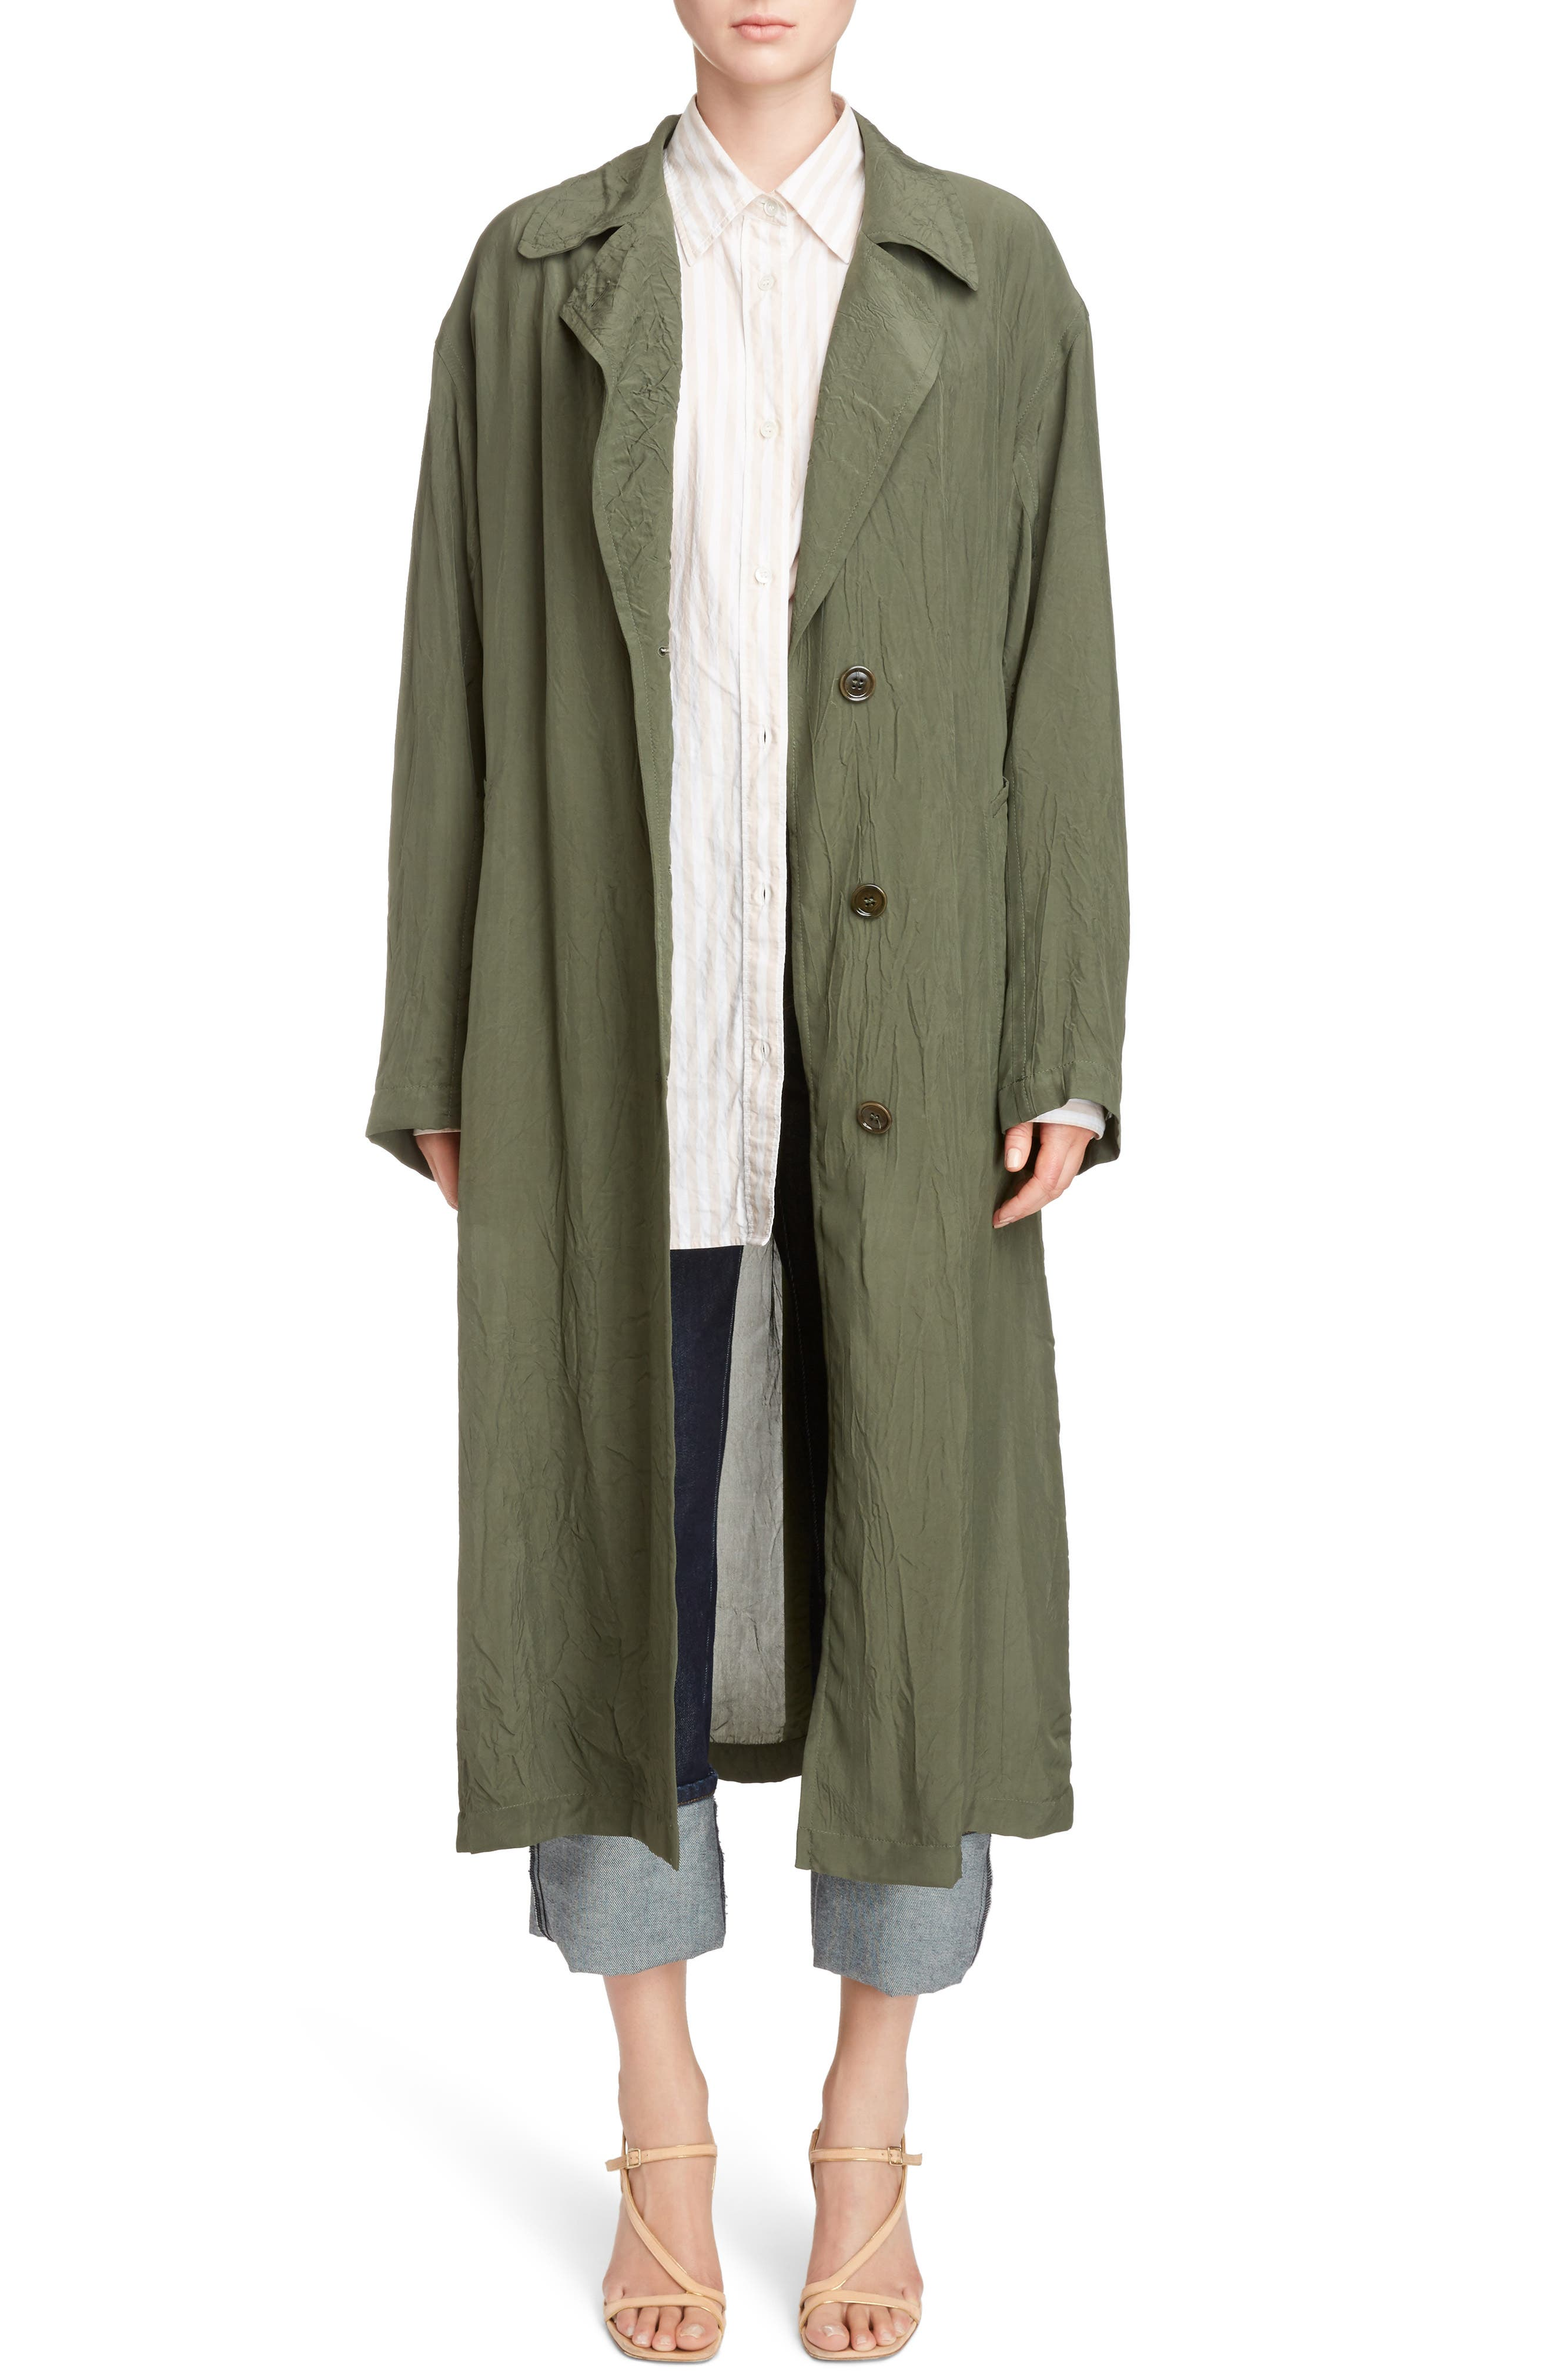 Dries Van Noten Crinkled Trench Coat